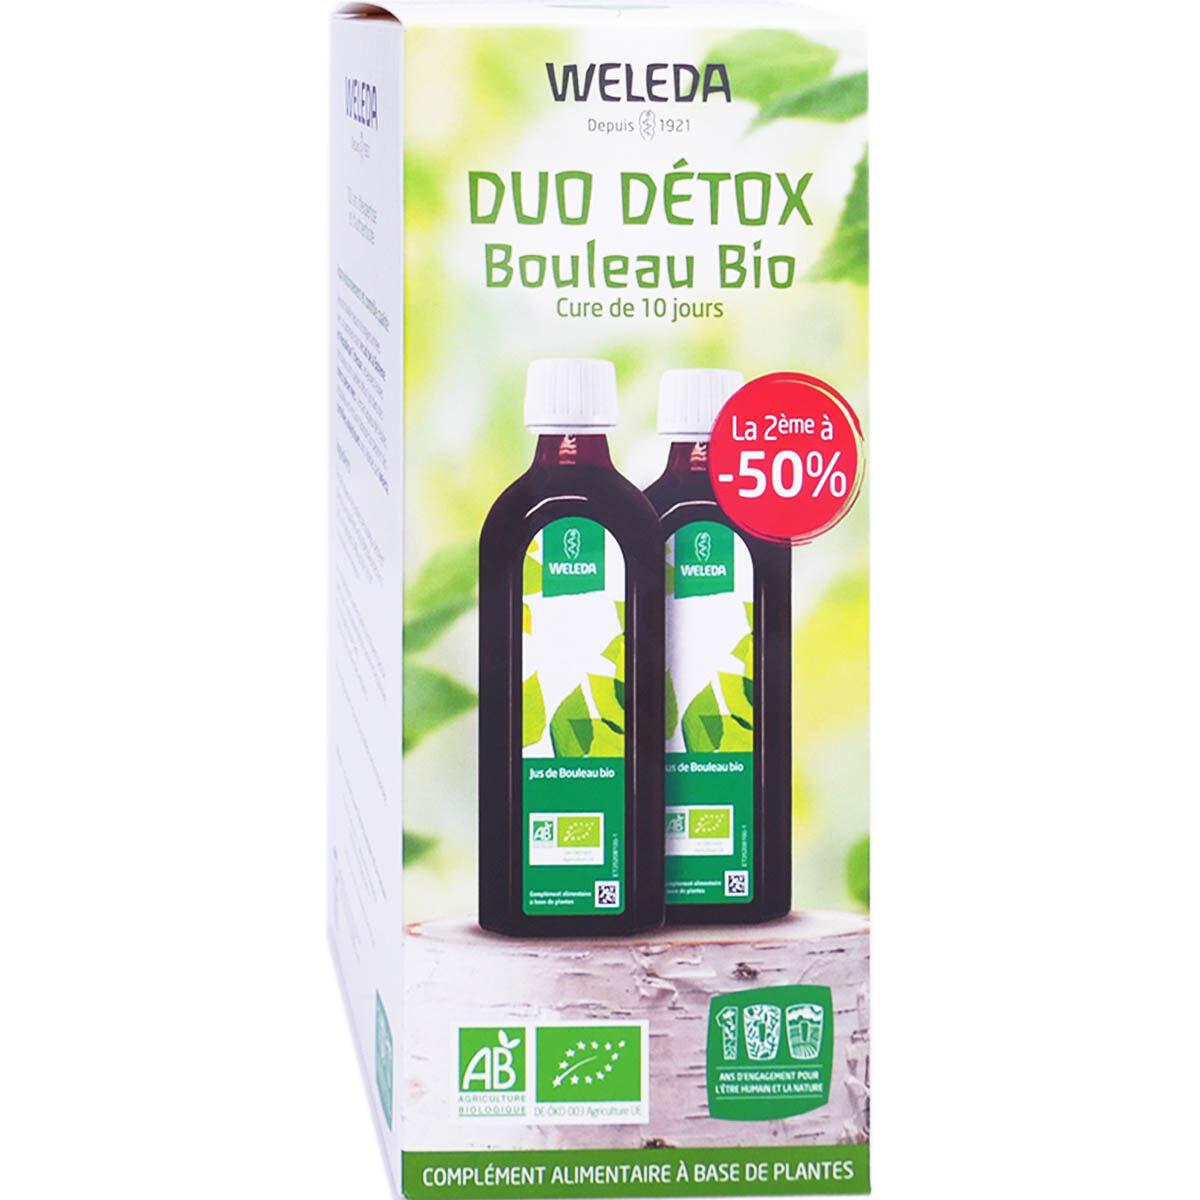 Weleda duo detox bouleau bio 2x 250 ml